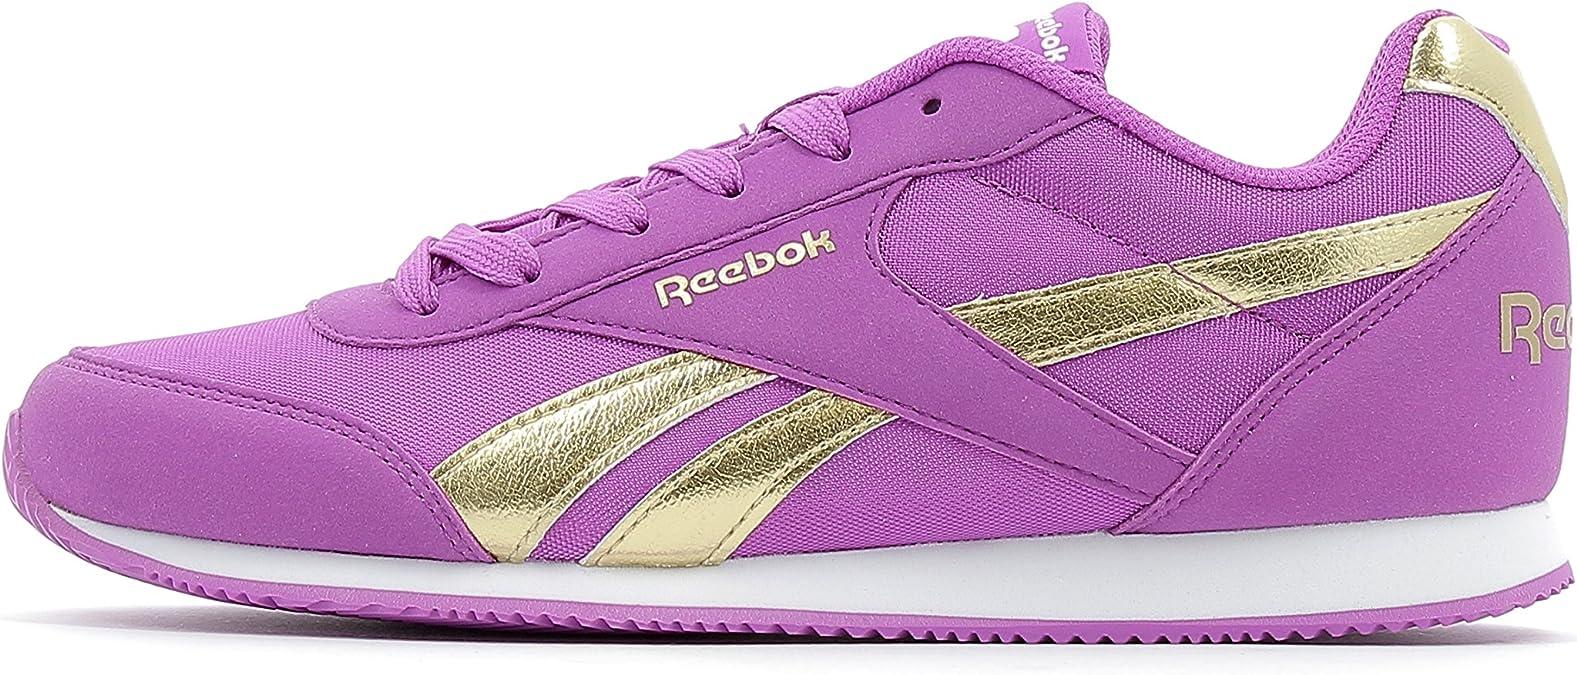 Reebok Royal Cljog 2Rs, Zapatillas de Deporte para Niñas, Morado (Vicious Violet/Gold), 27 EU: Amazon.es: Zapatos y complementos